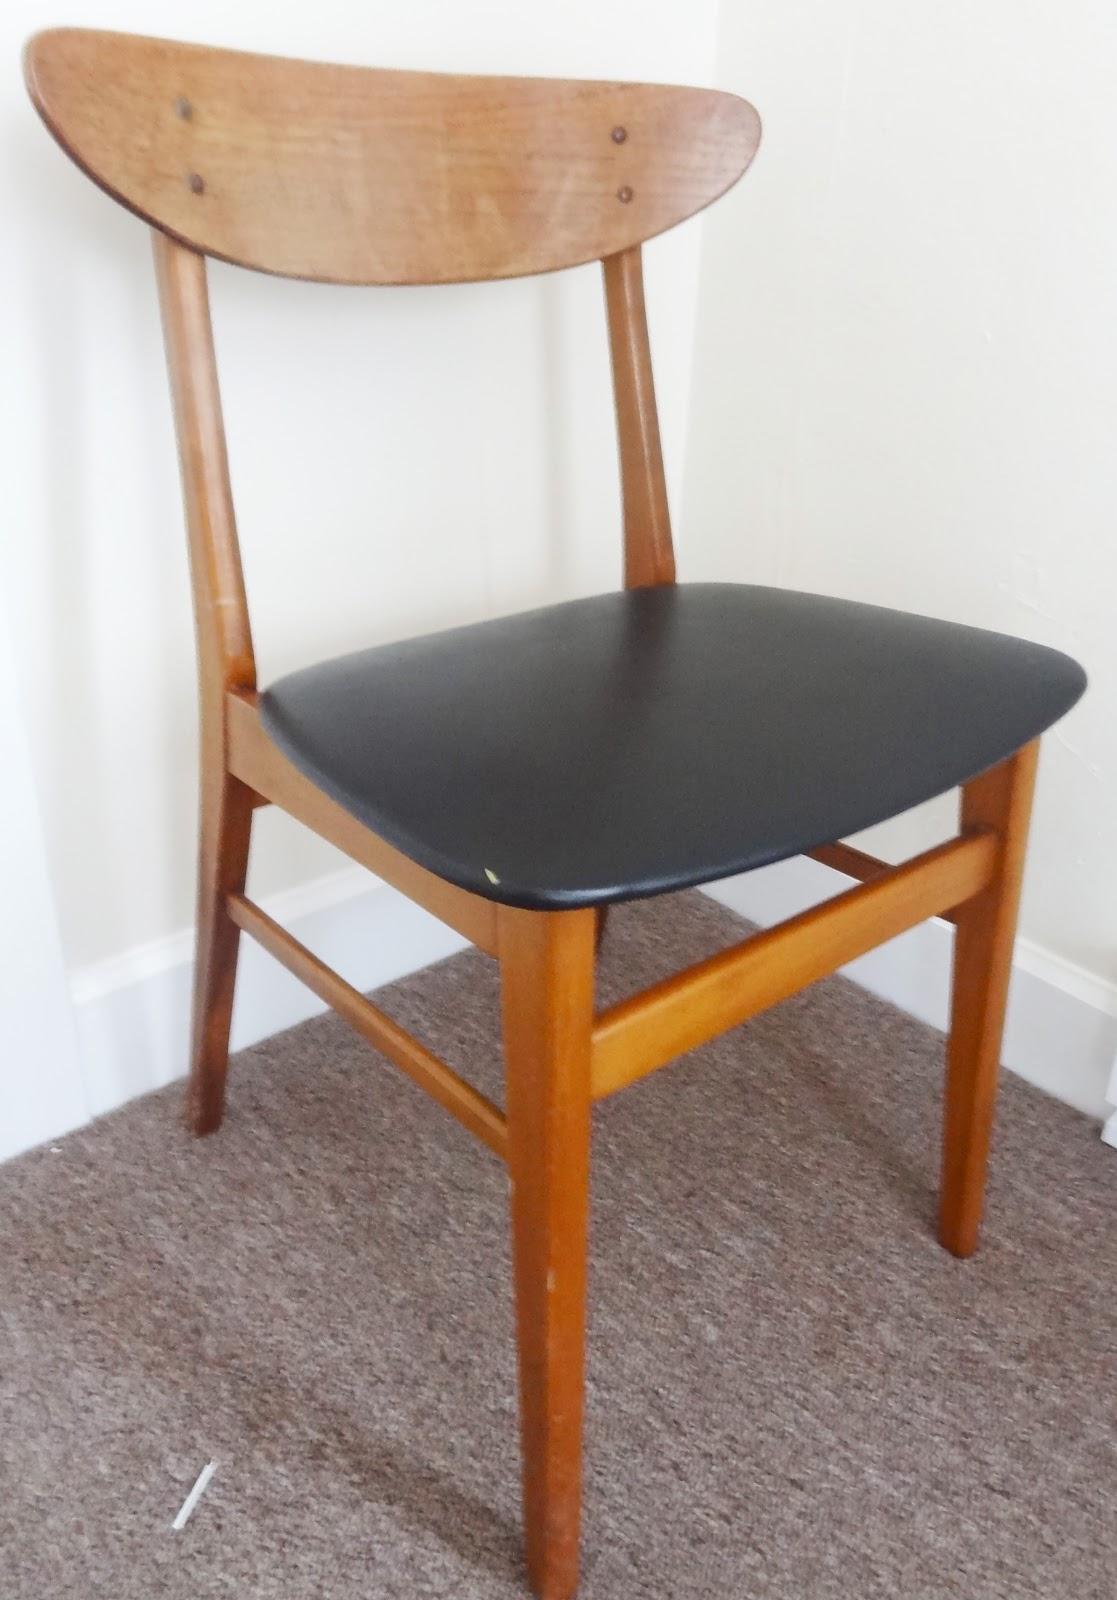 Houzz: Quick Fix Reupholster A Chair Seat | Revamp Homegoods